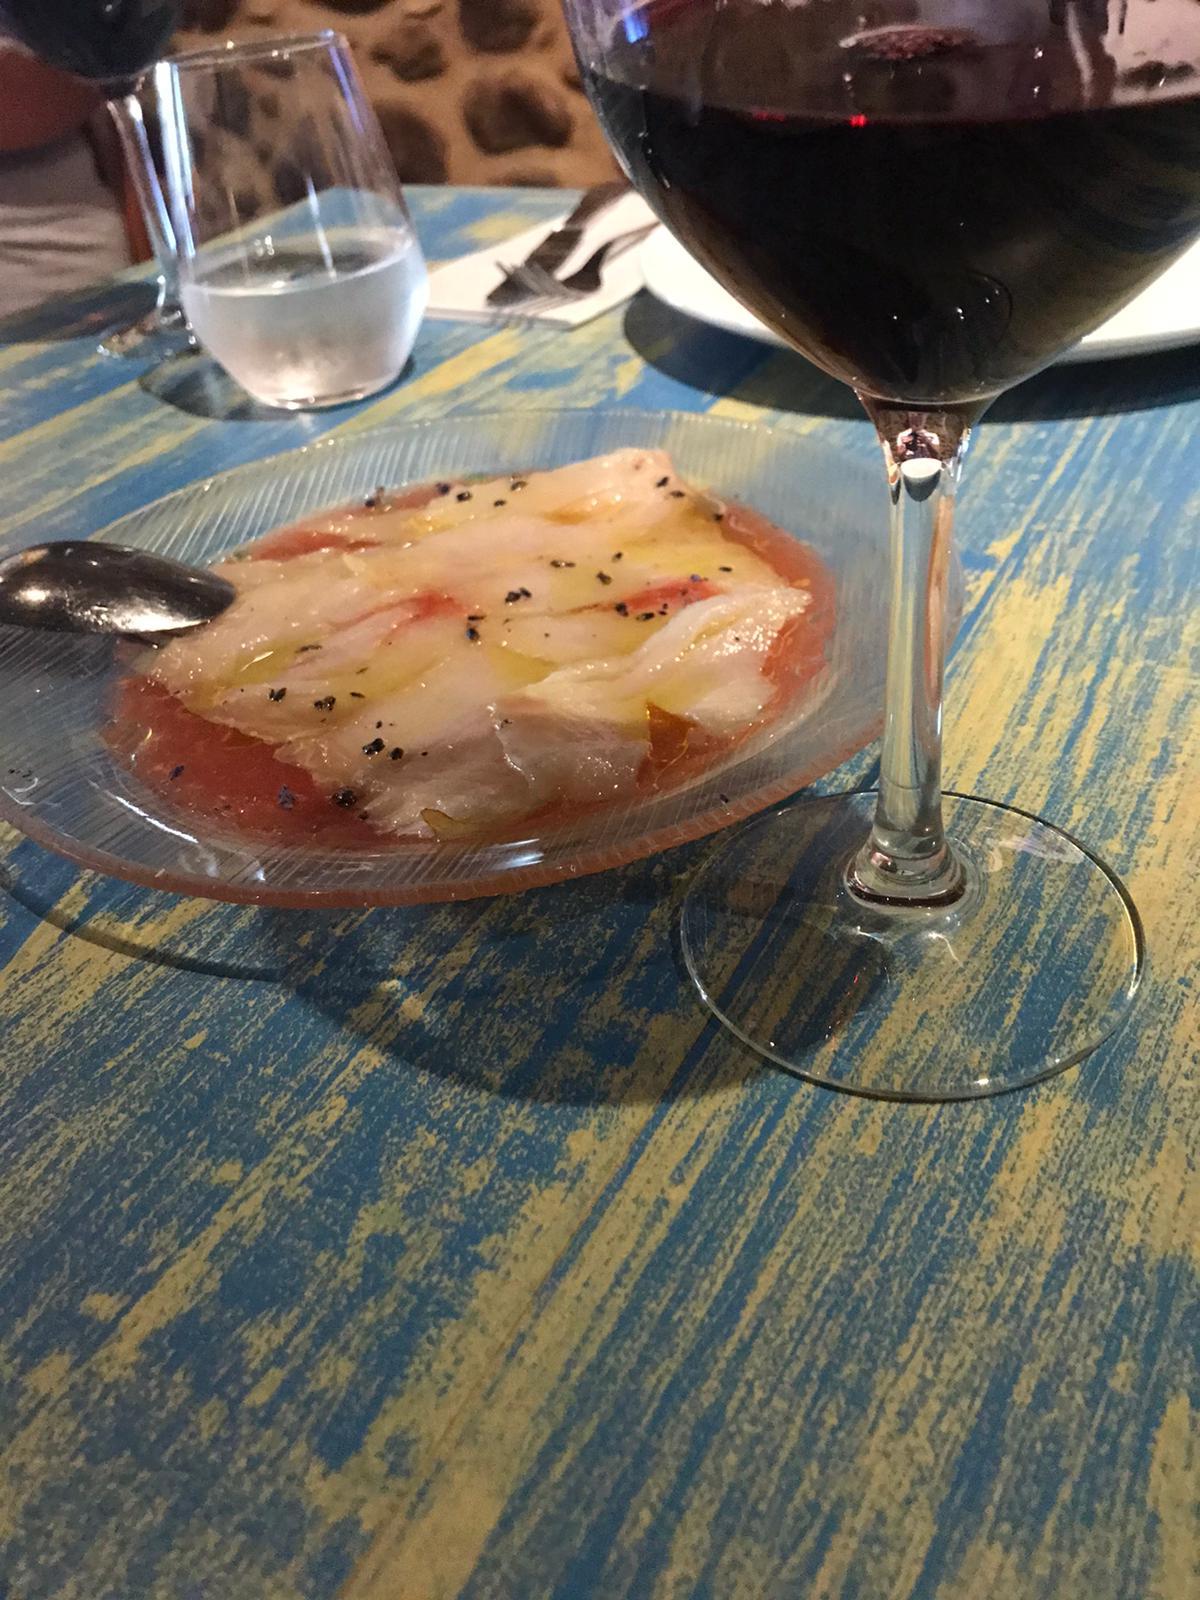 Reseñas gastronómicas: Visita a La Puerta del Perdón en Villafranca del Bierzo 4